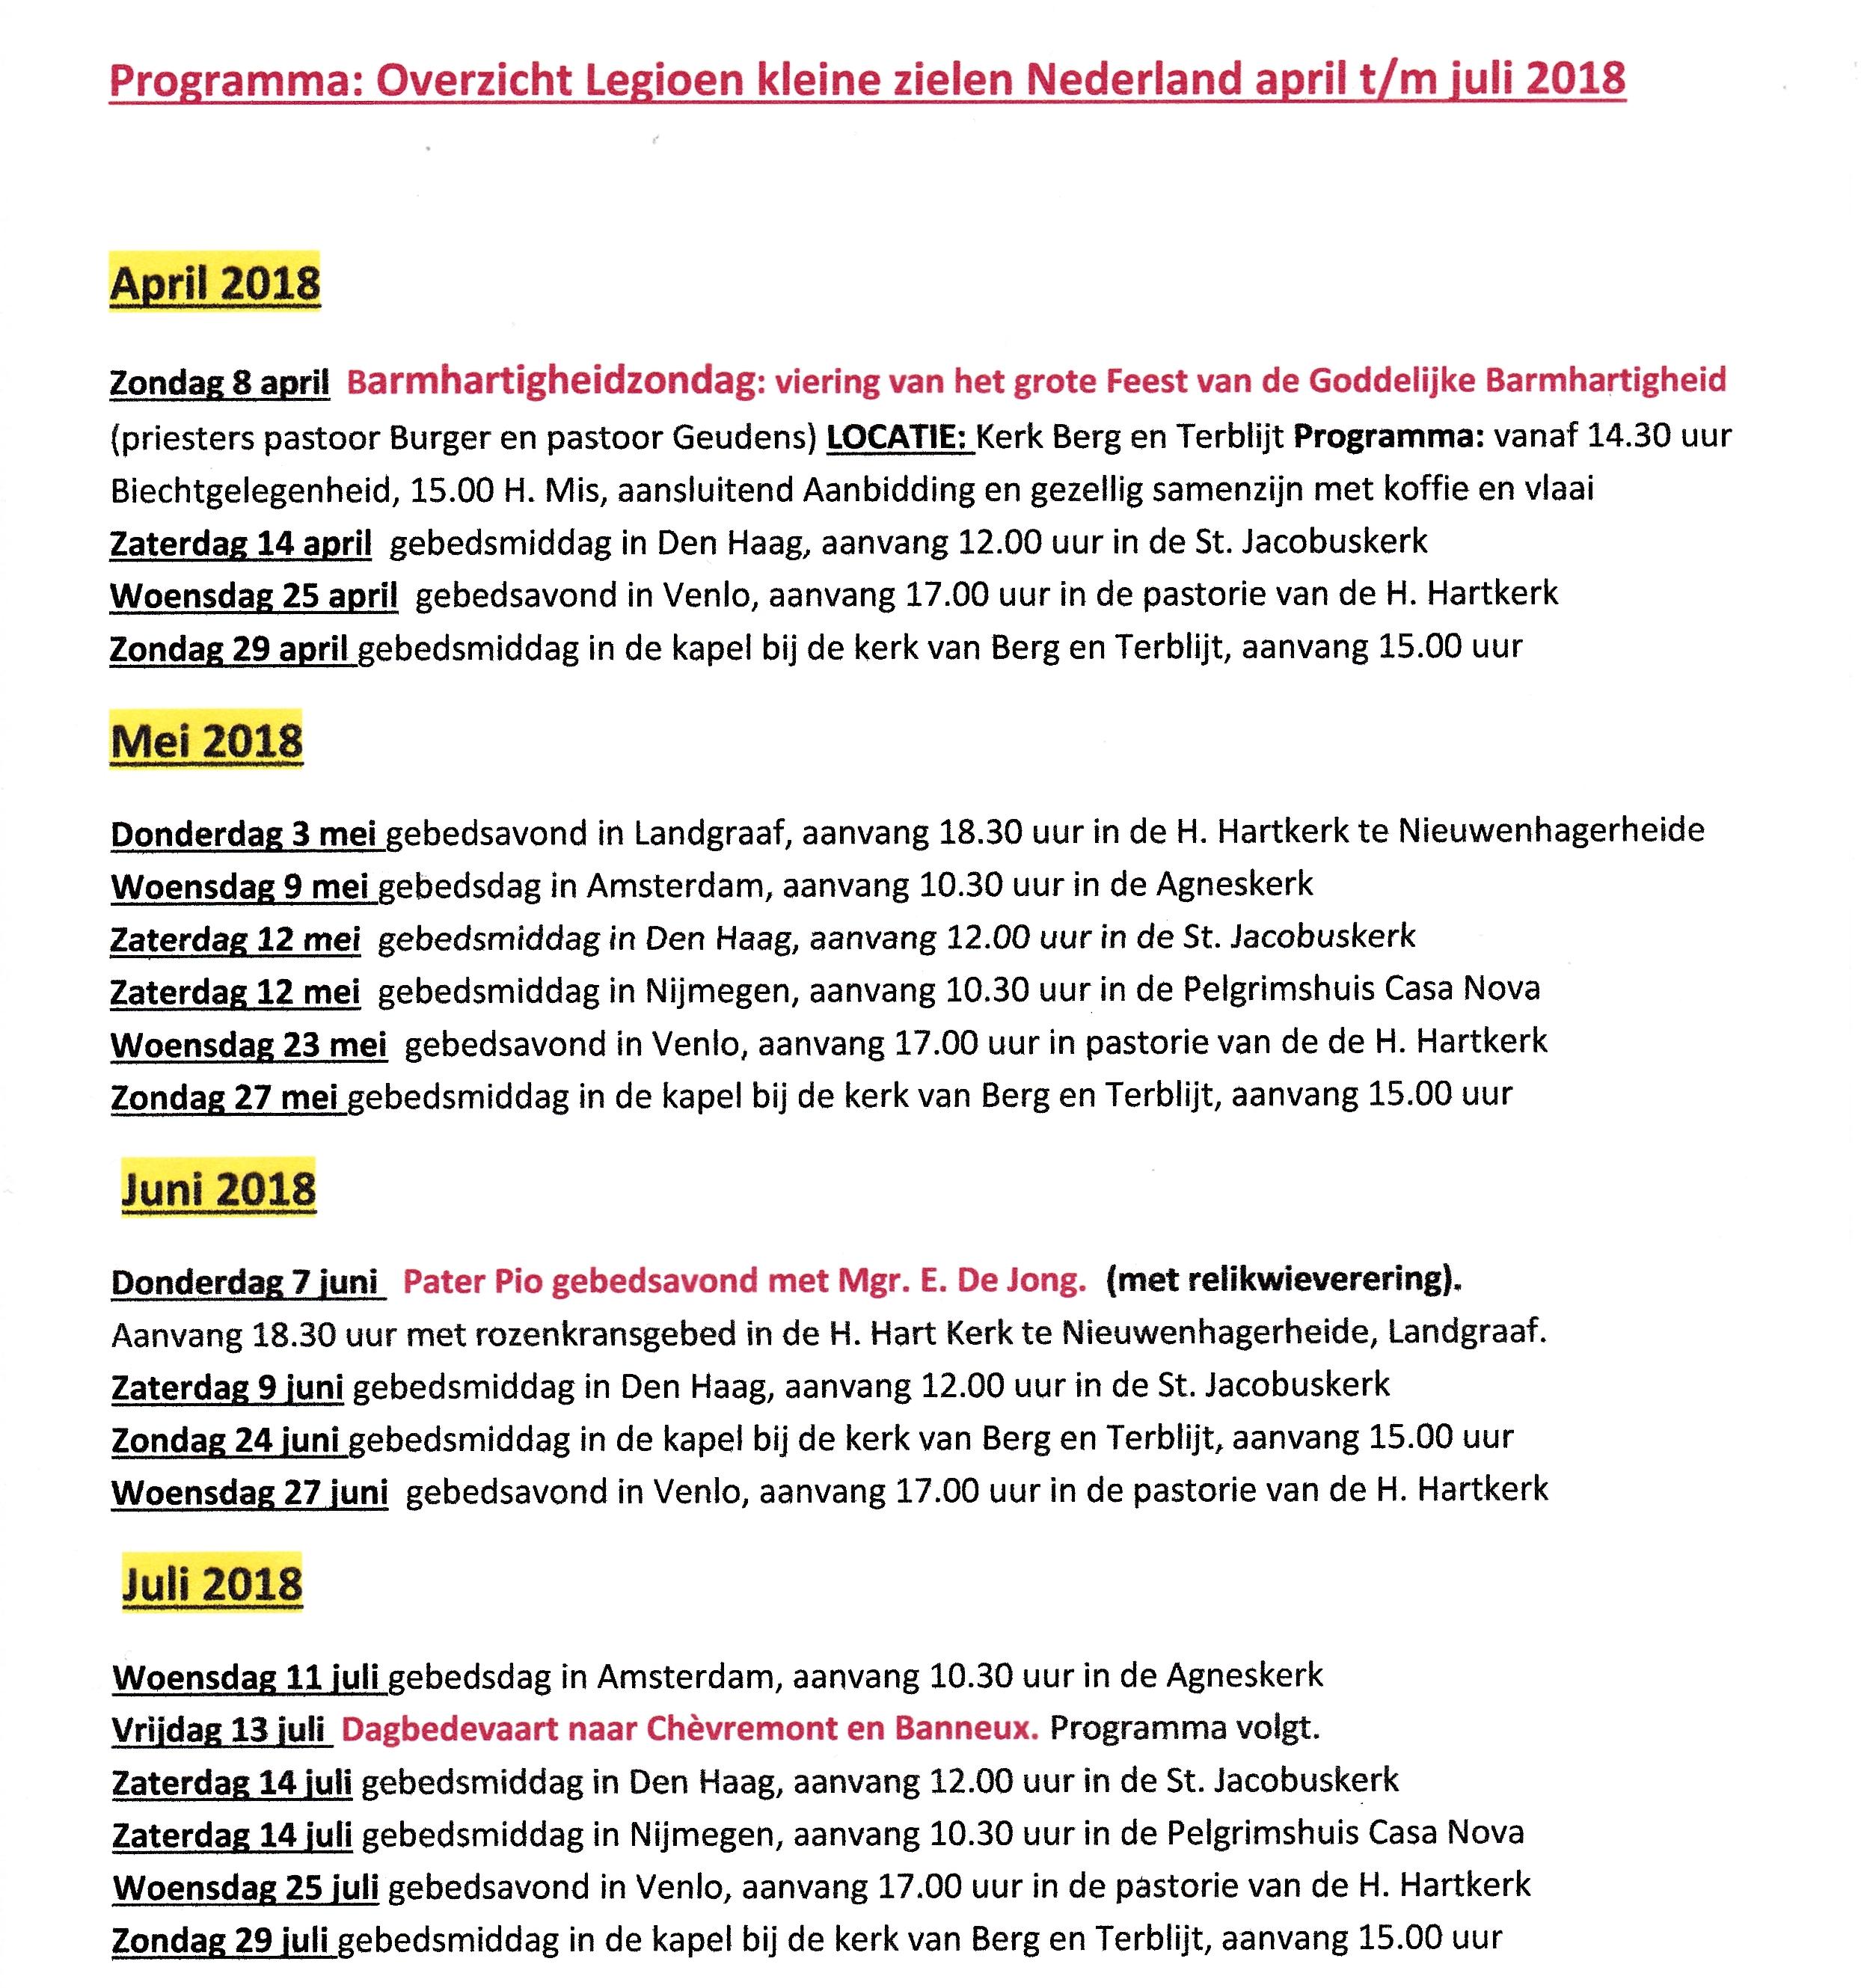 Lkz programma april juli 2018